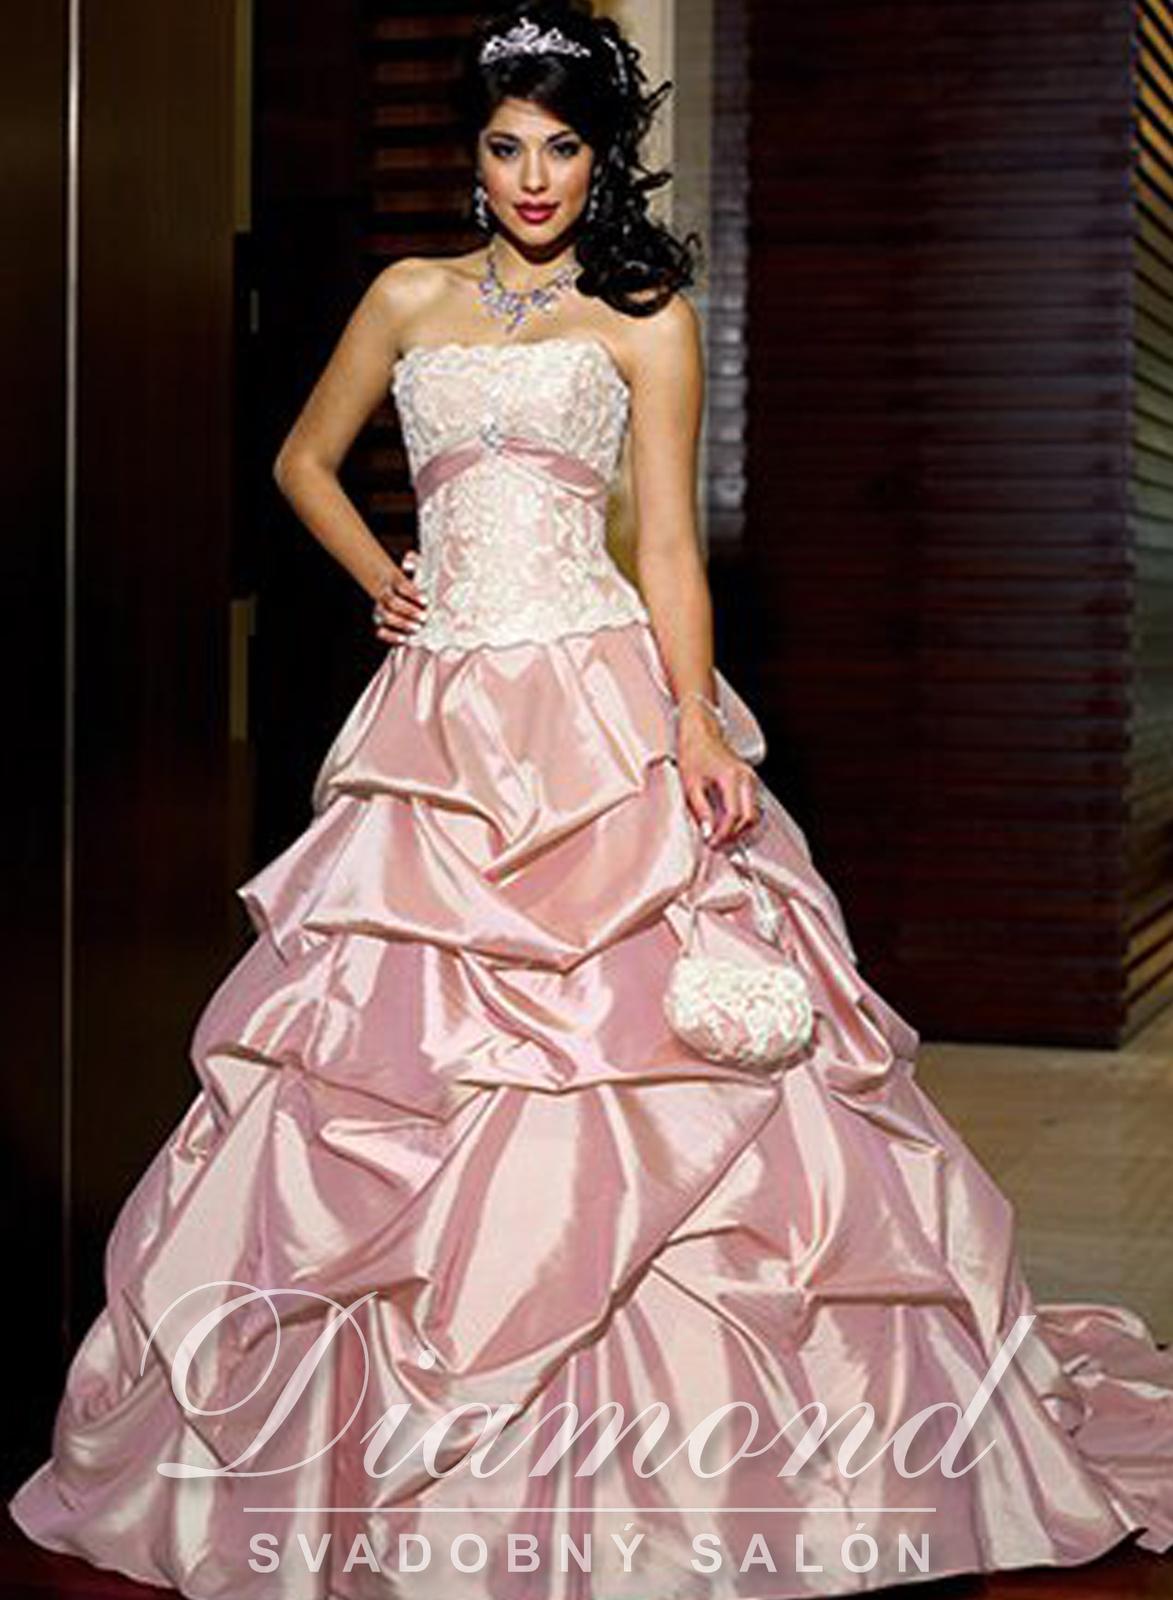 Ružové svadobné šaty, ktoré dokonalé sadnú - Obrázok č. 1